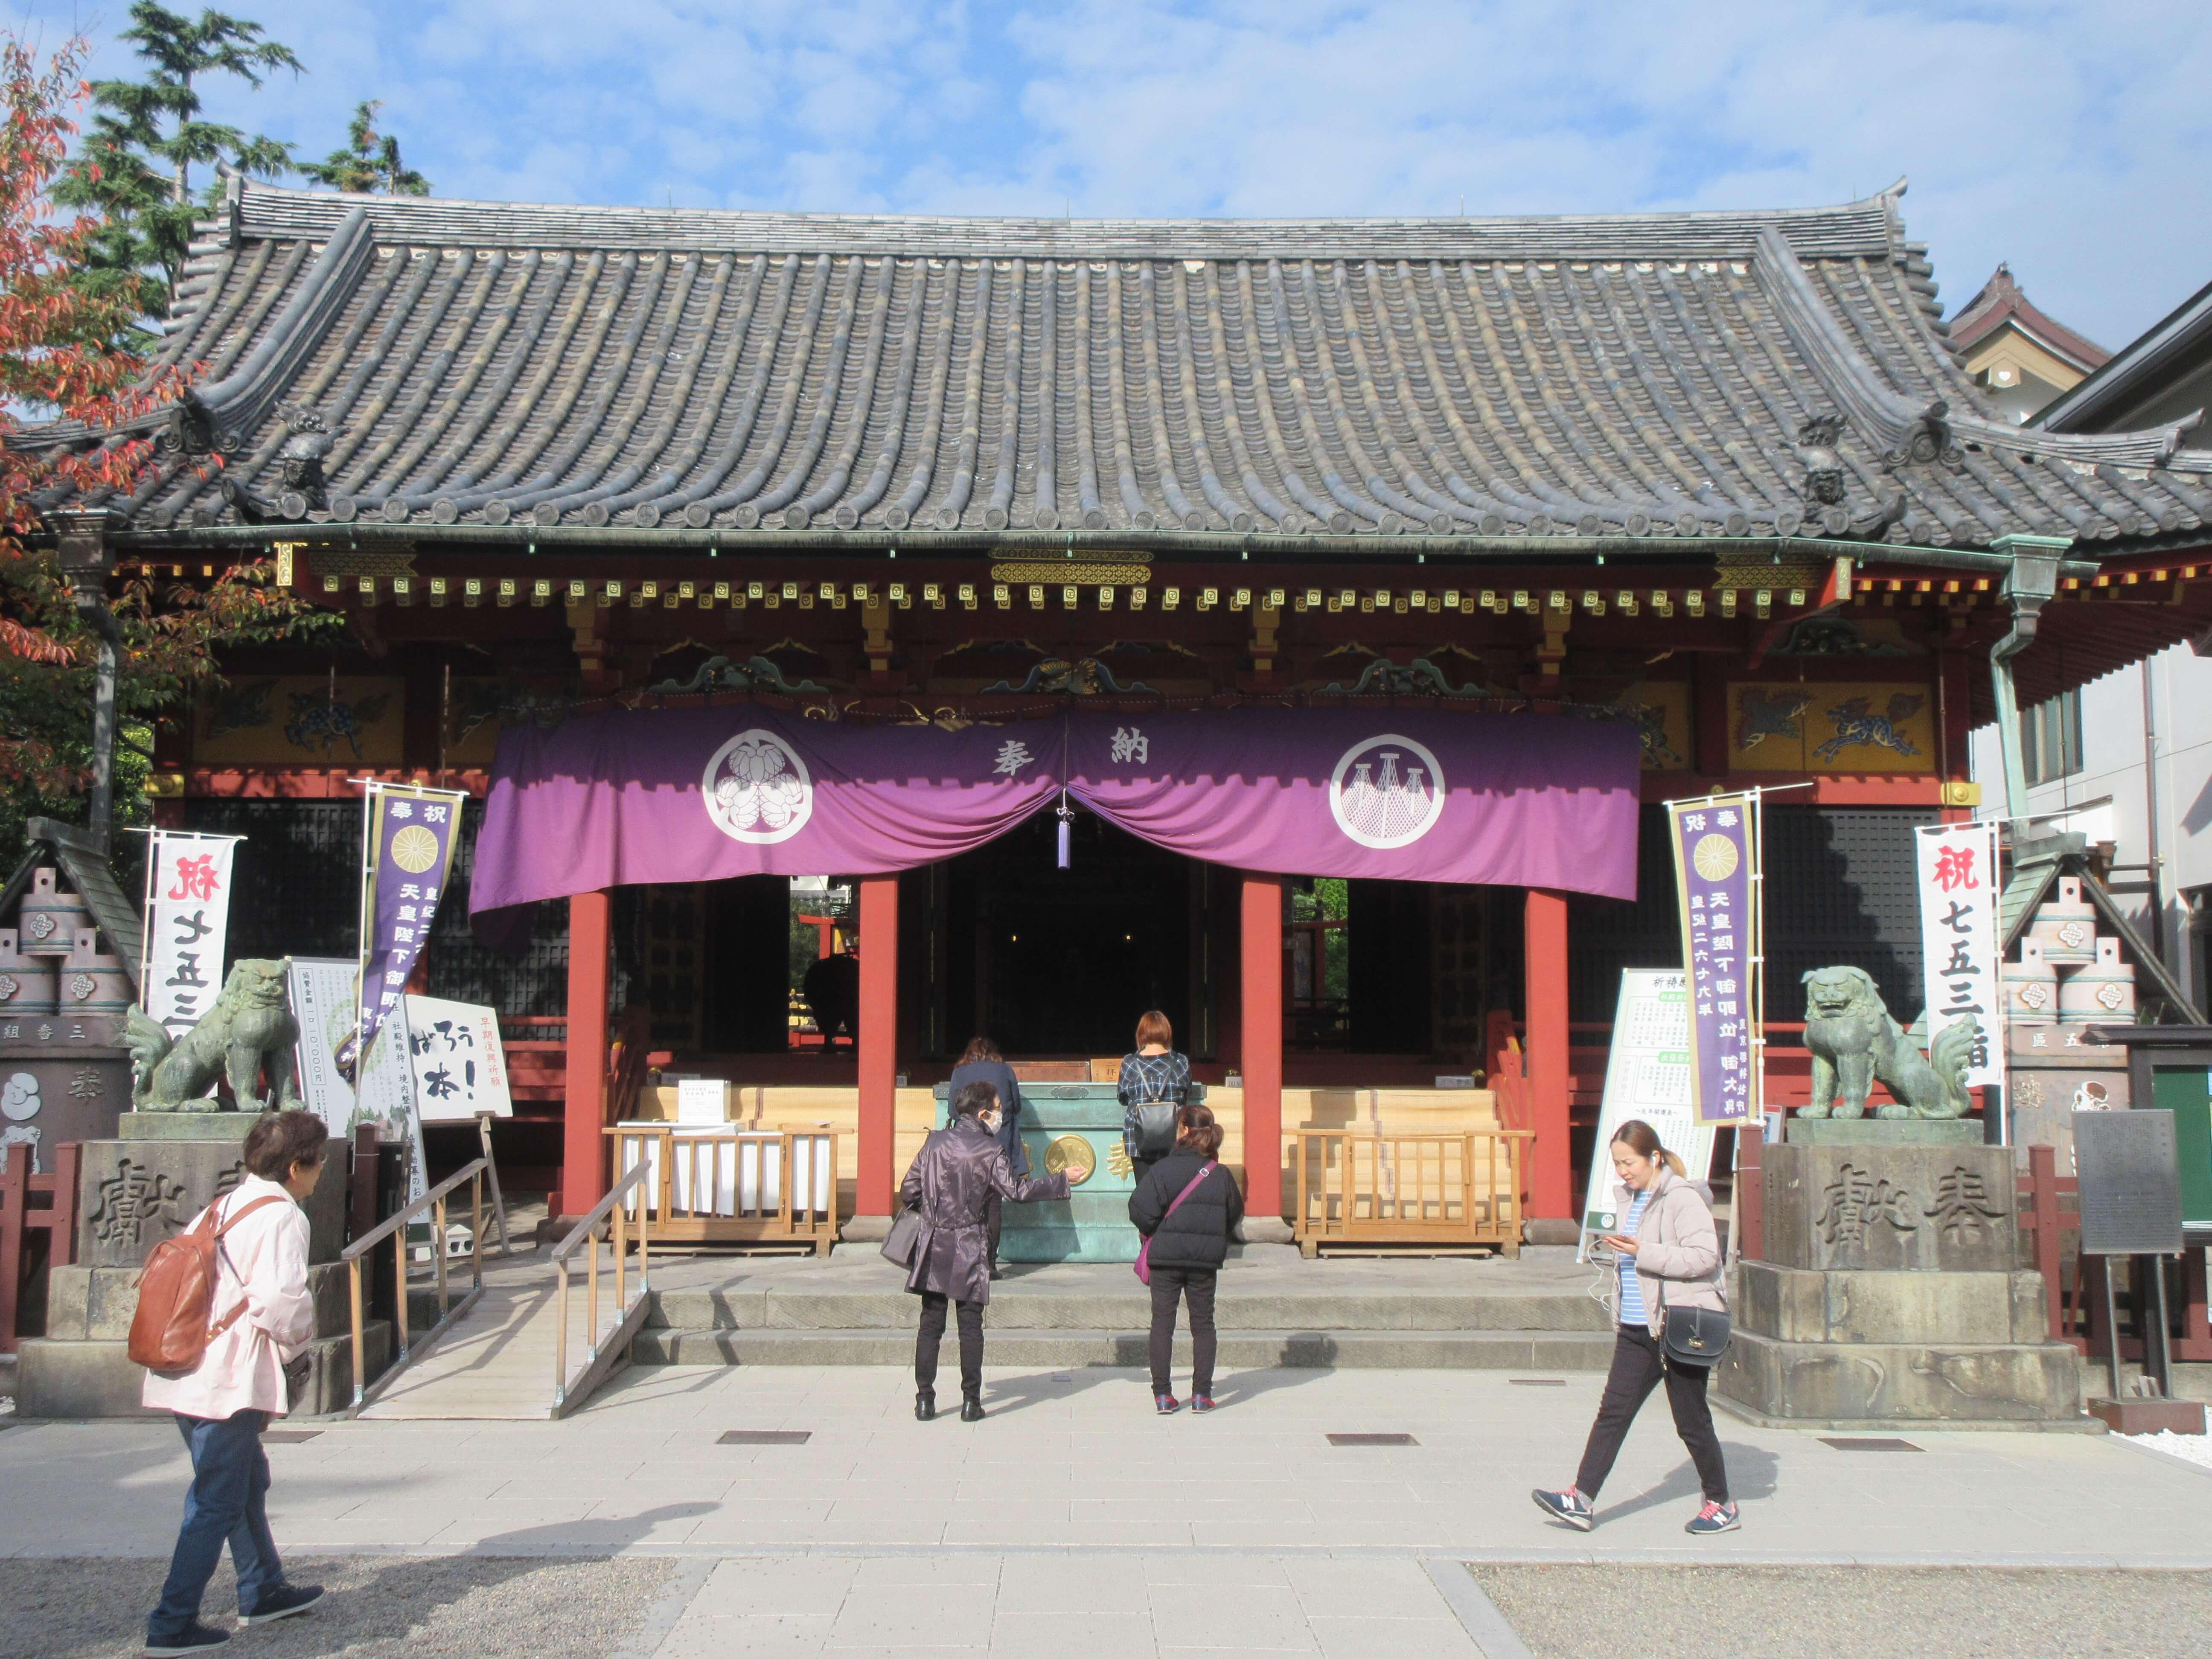 浅草神社の観光ガイド!様々な石碑や御朱印に三社祭りなど見どころ満載 ...